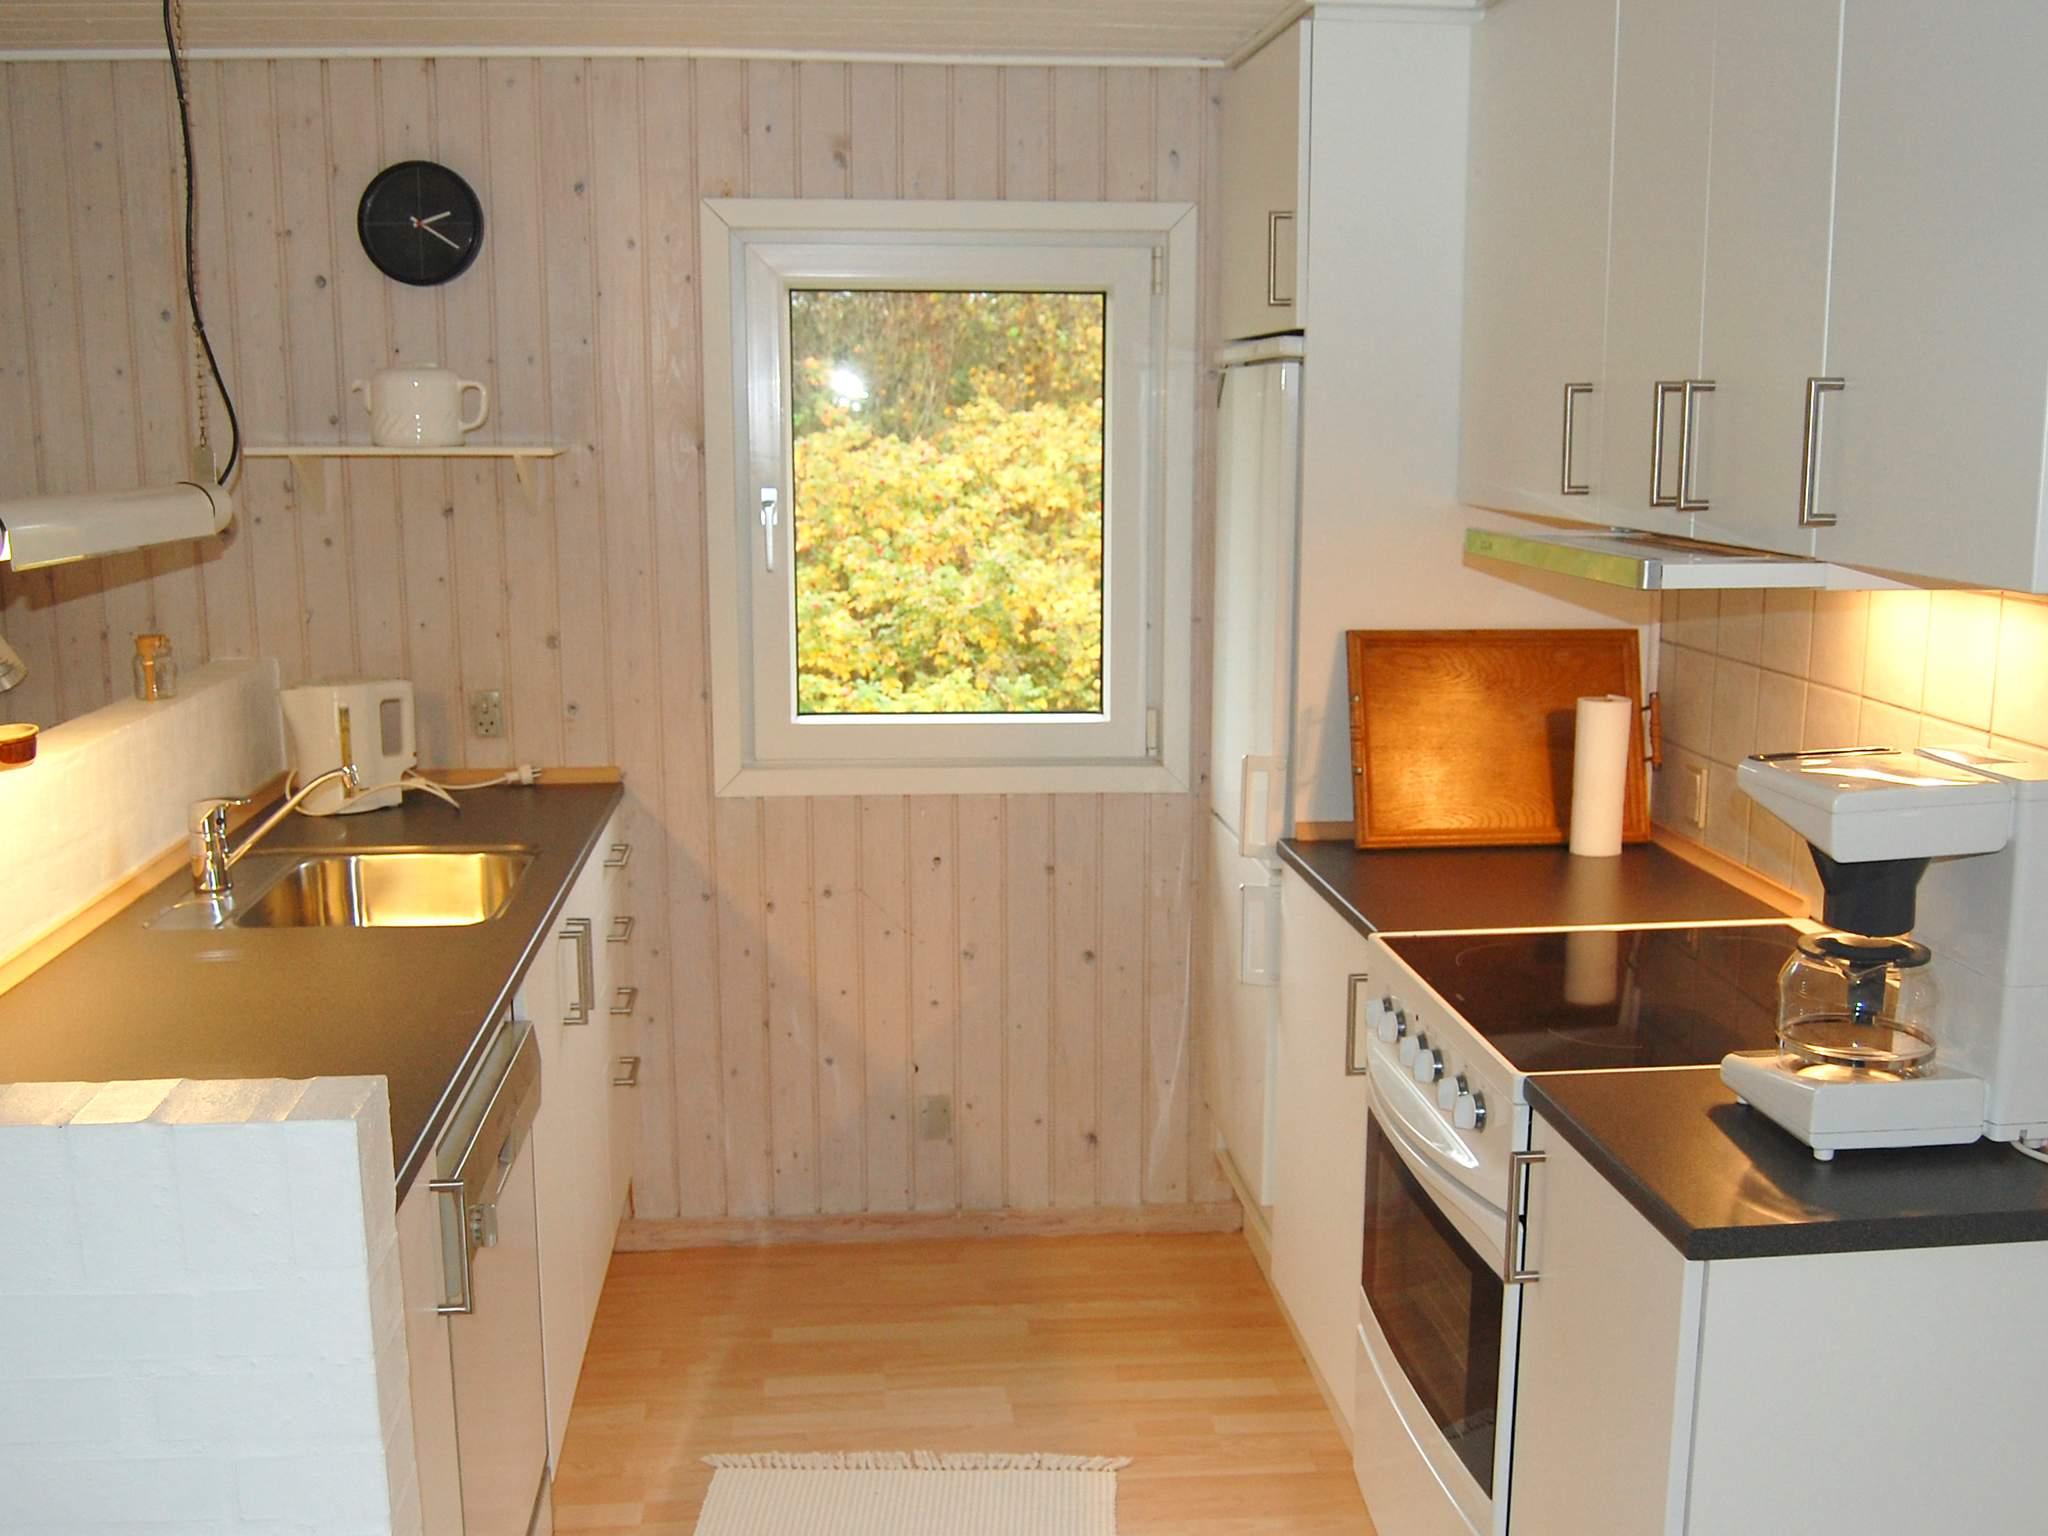 Ferienhaus Blokhus (336559), Blokhus, , Nordwestjütland, Dänemark, Bild 4